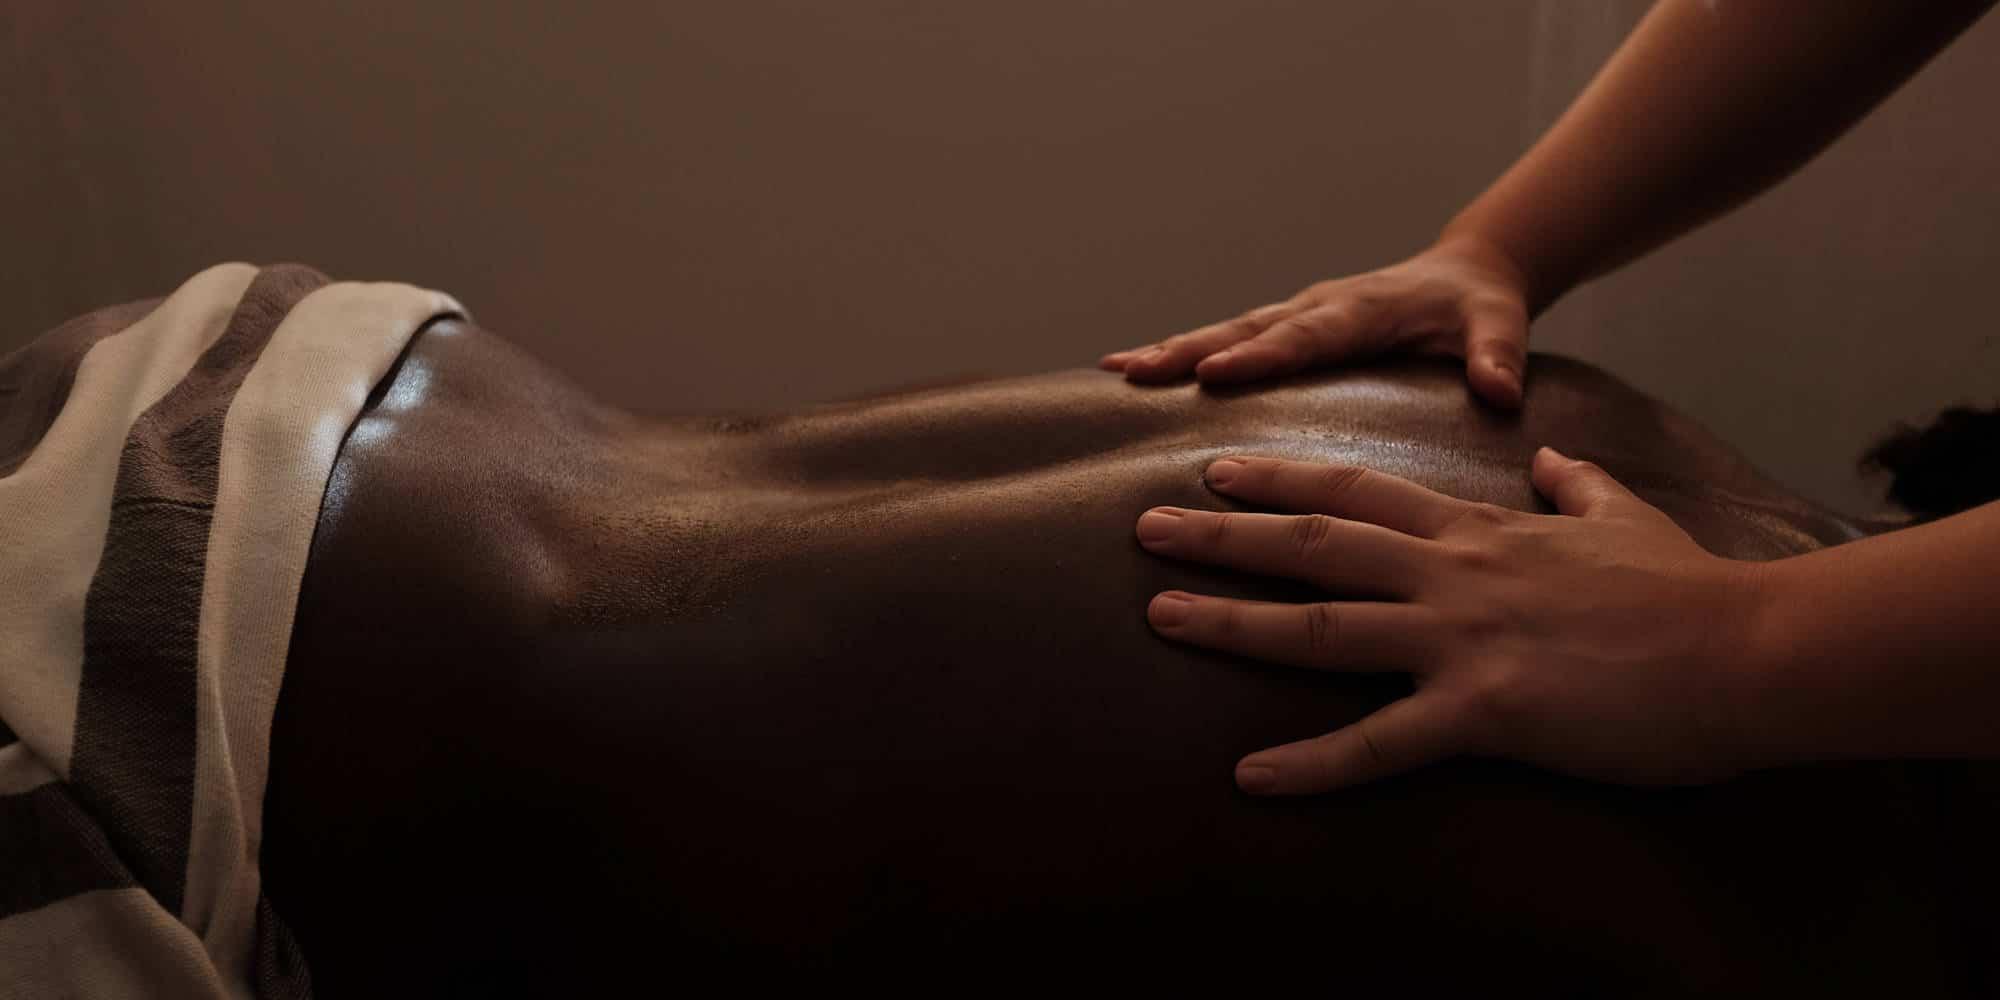 Anahava Massages | Praticienne de massages bien-être Montpellier